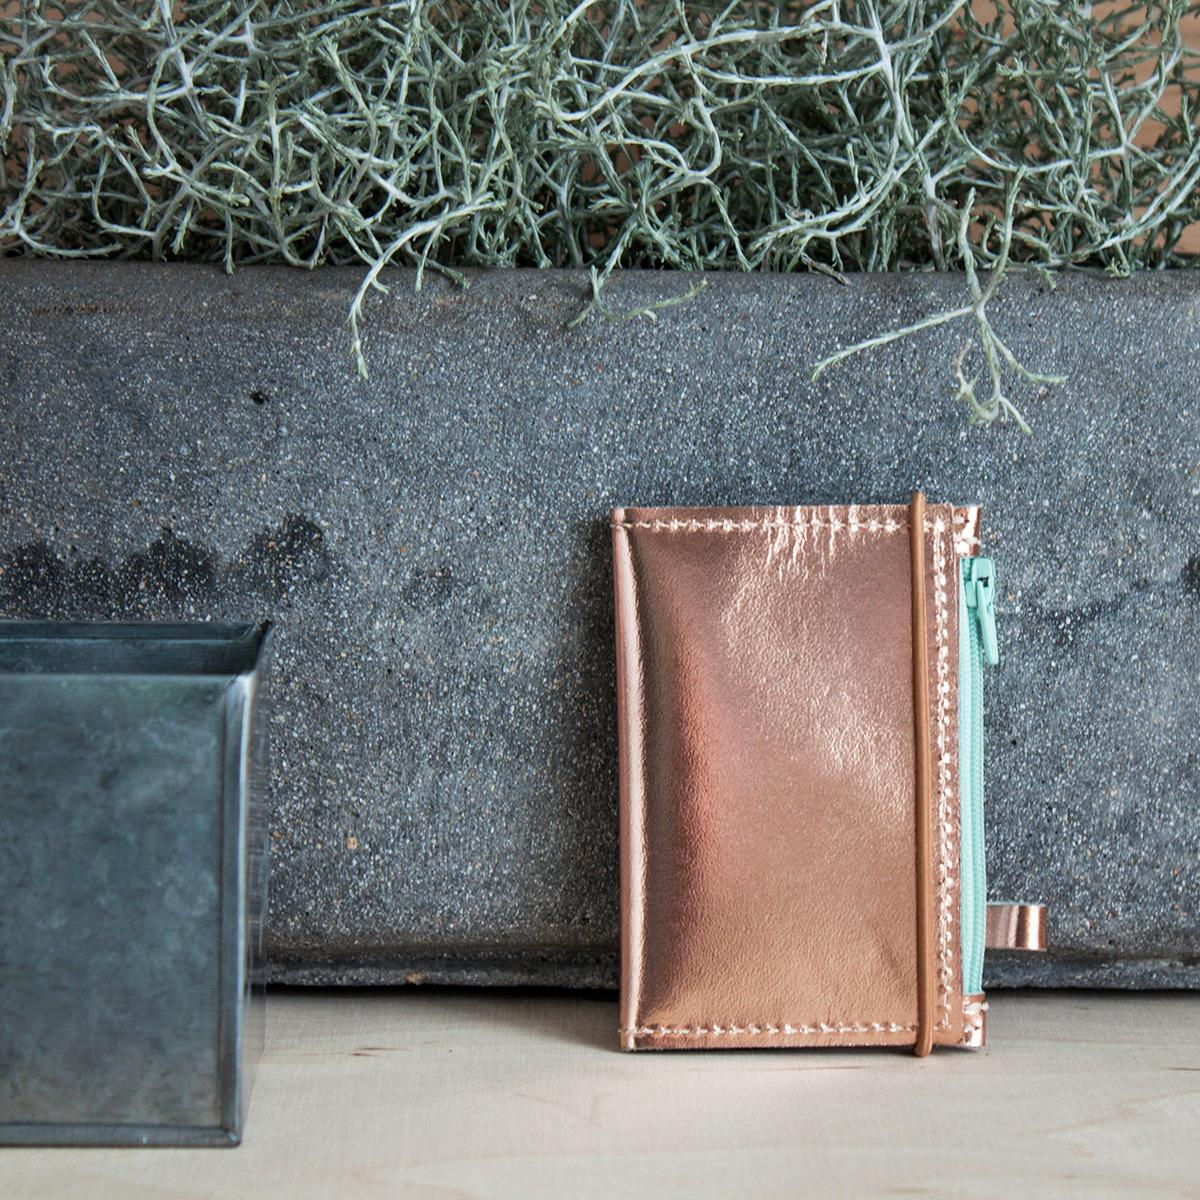 Portfel MIKRO Pink Copper to minimalistyczny portfel wizytownik etui na klucze naturalna wysokiej jakości skóra i transparentna folia transparentna kieszonka na suwak: na monety klucze zdjęcia itp kieszonki na karty i wizytówki zamknięcie na gumkę uchwyt do zamocowania kluczy breloka łańcuszka unisex wyjątkowo kompaktowy rozmiar wymiary: zamknięty 10 5 x 7 cm otwarty 10 5 x 14 5 cm Zaprojektowany i ręcznie wykonany w Polsce Projekt w 100 autorski Odcień skóry może nieznacznie różnić się od tego na zdjęciu cecha produktów z naturalnej skóry